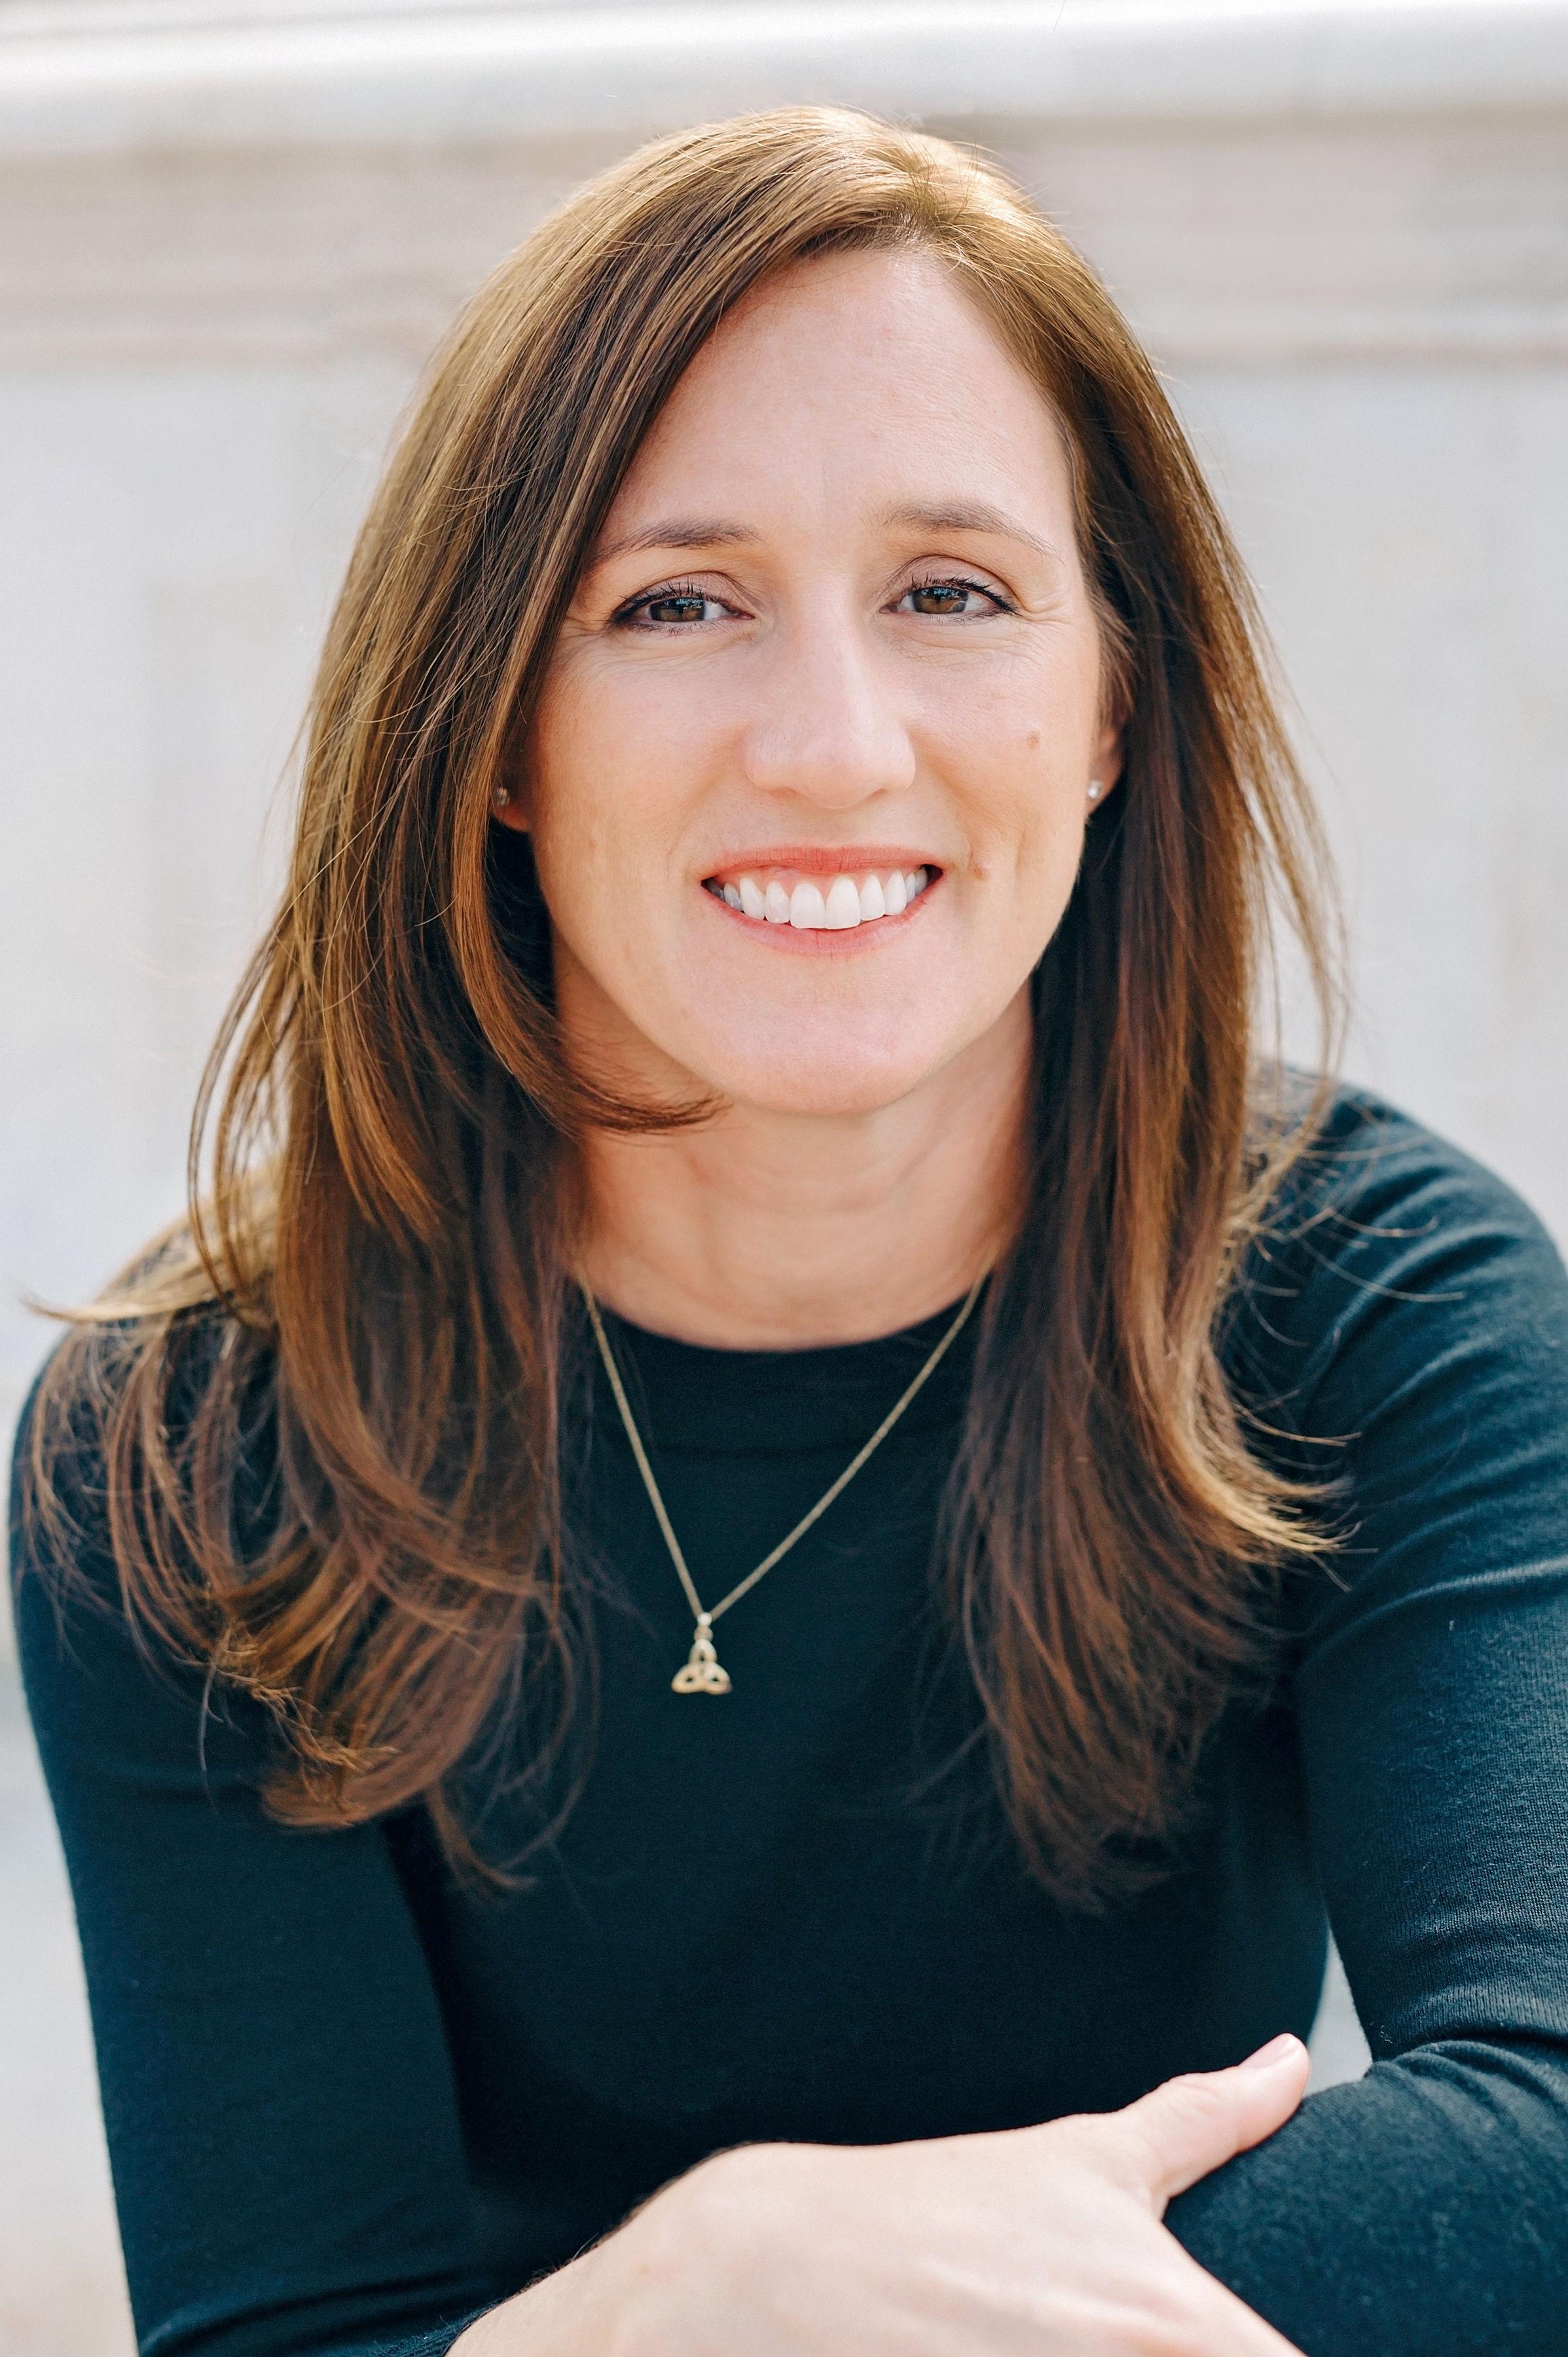 Anna Doherty Rivas